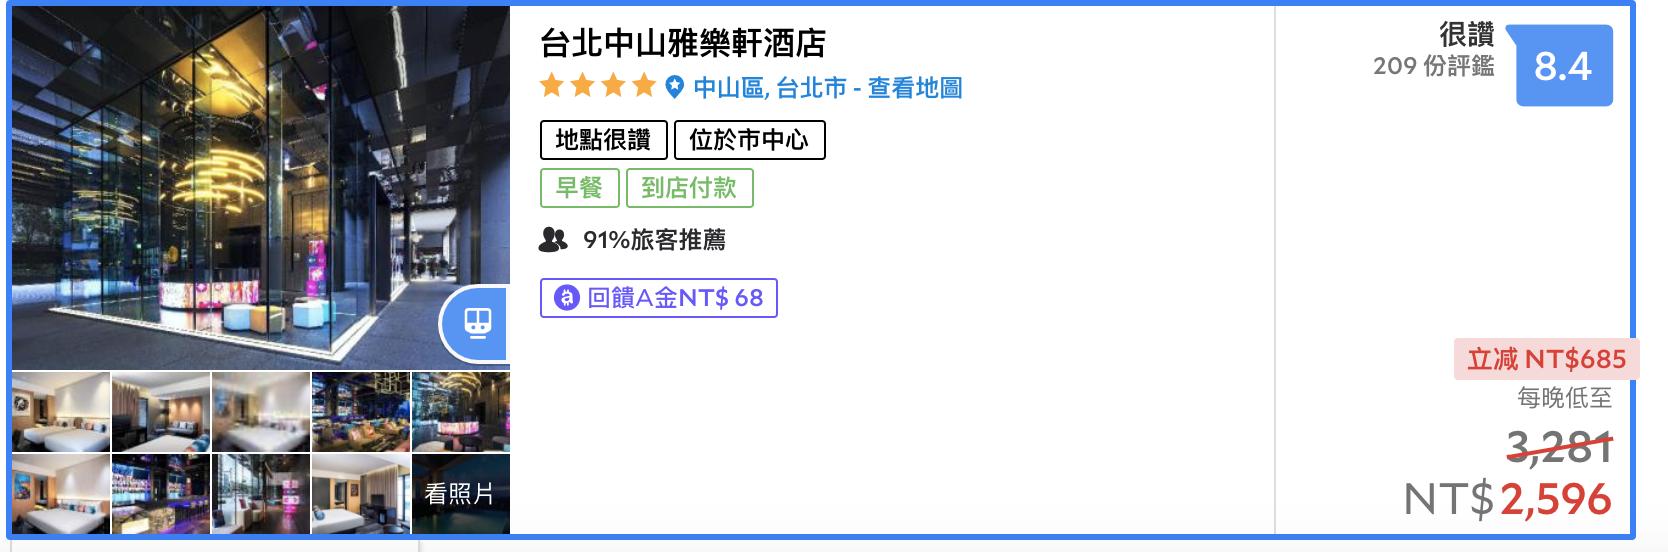 台北中山雅樂軒aloft,單人999起入住就可以喔!(需兩人),可SNP~